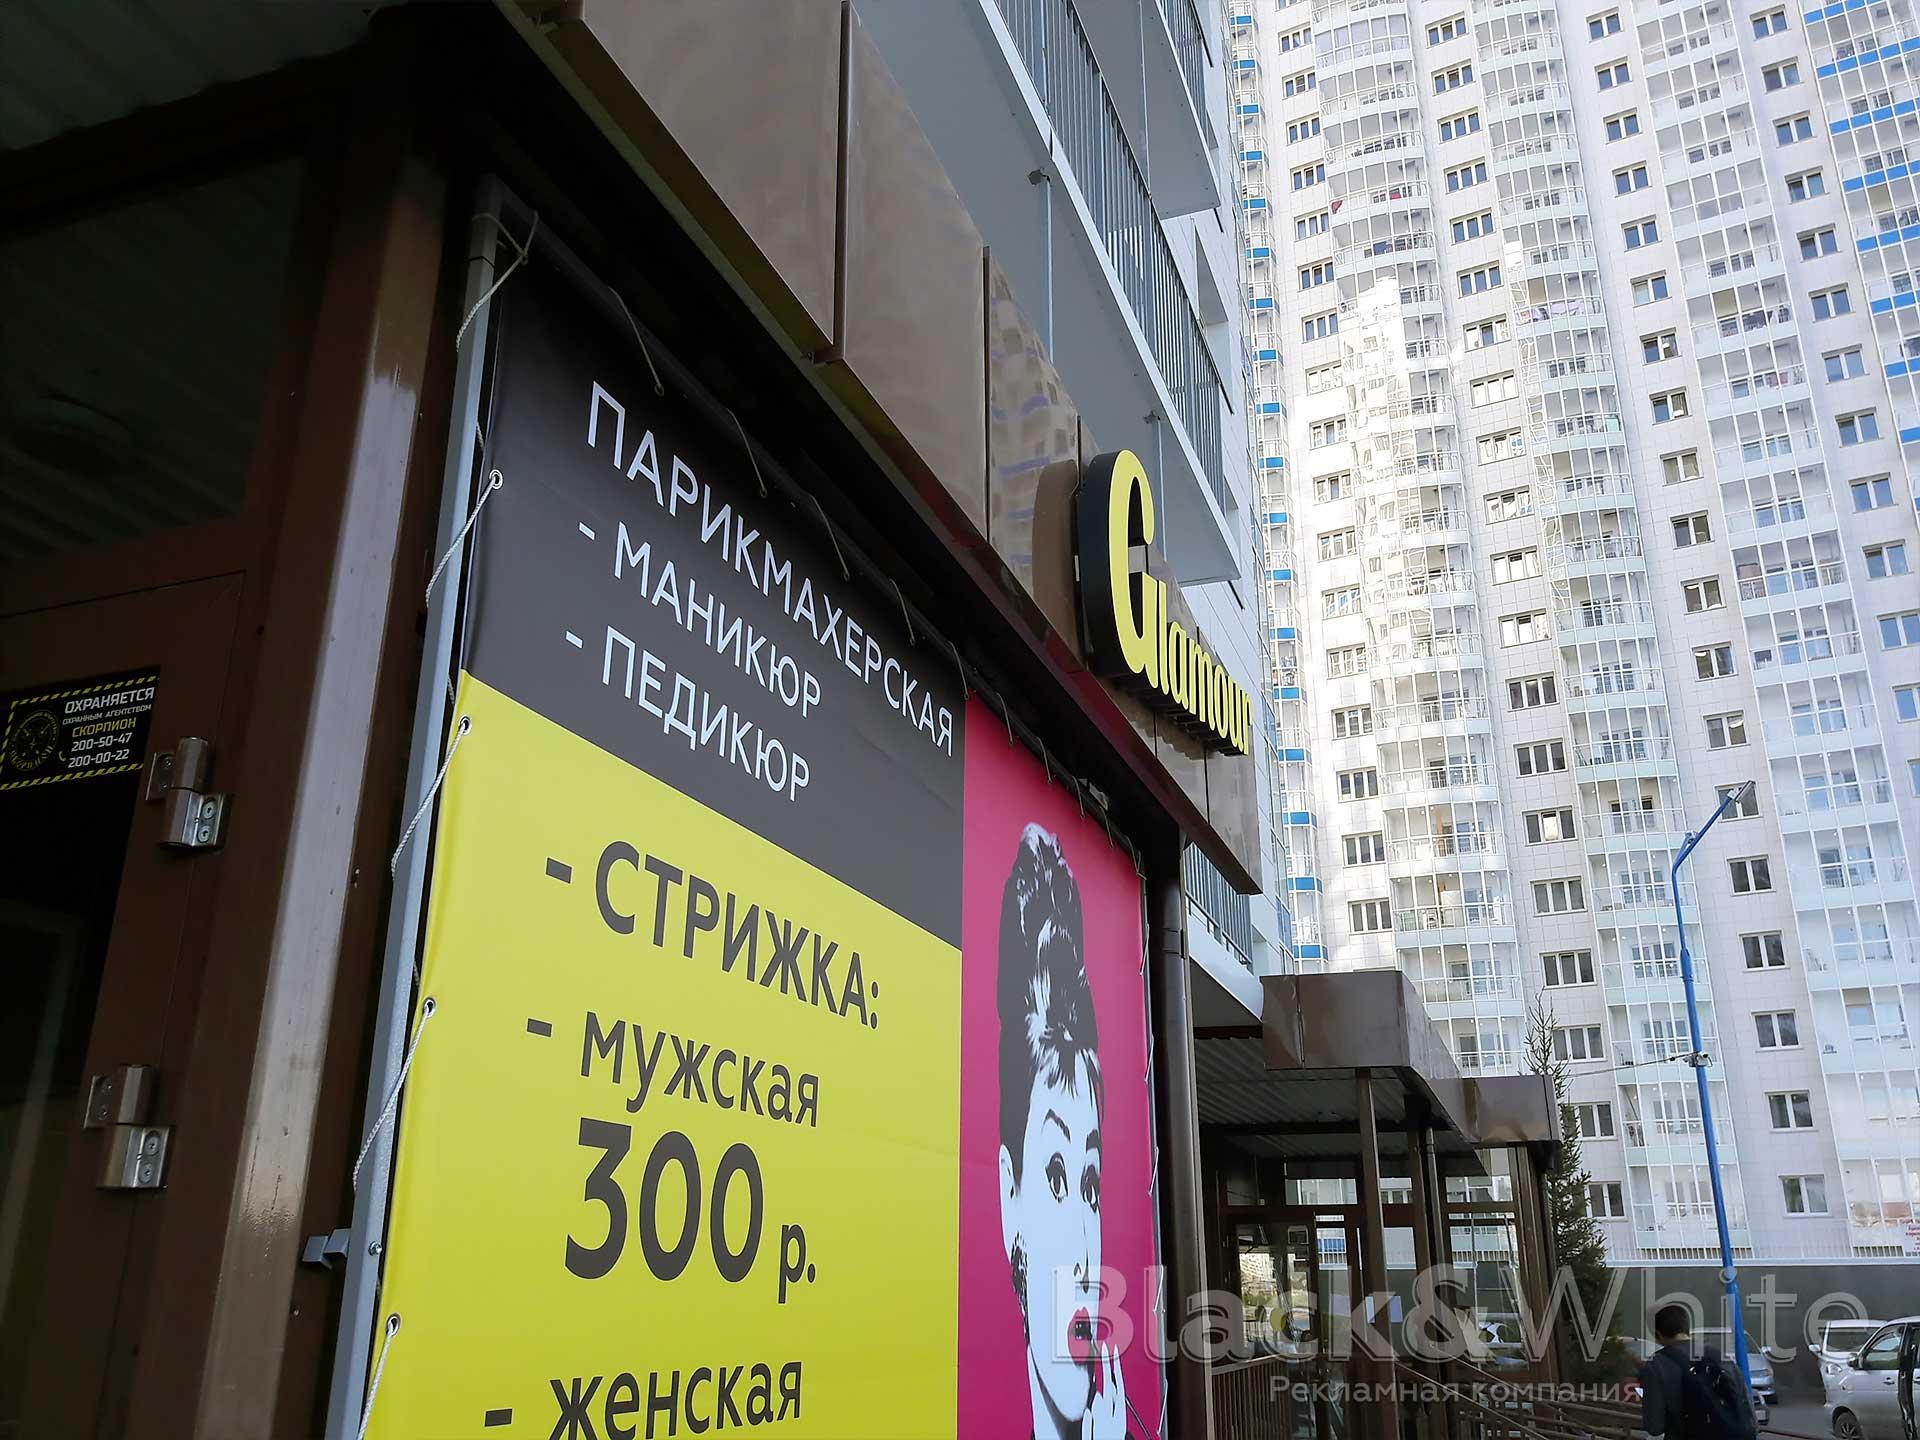 Вывеска-для-парикмахерской-на-заказ-в-Красноярске.jpg